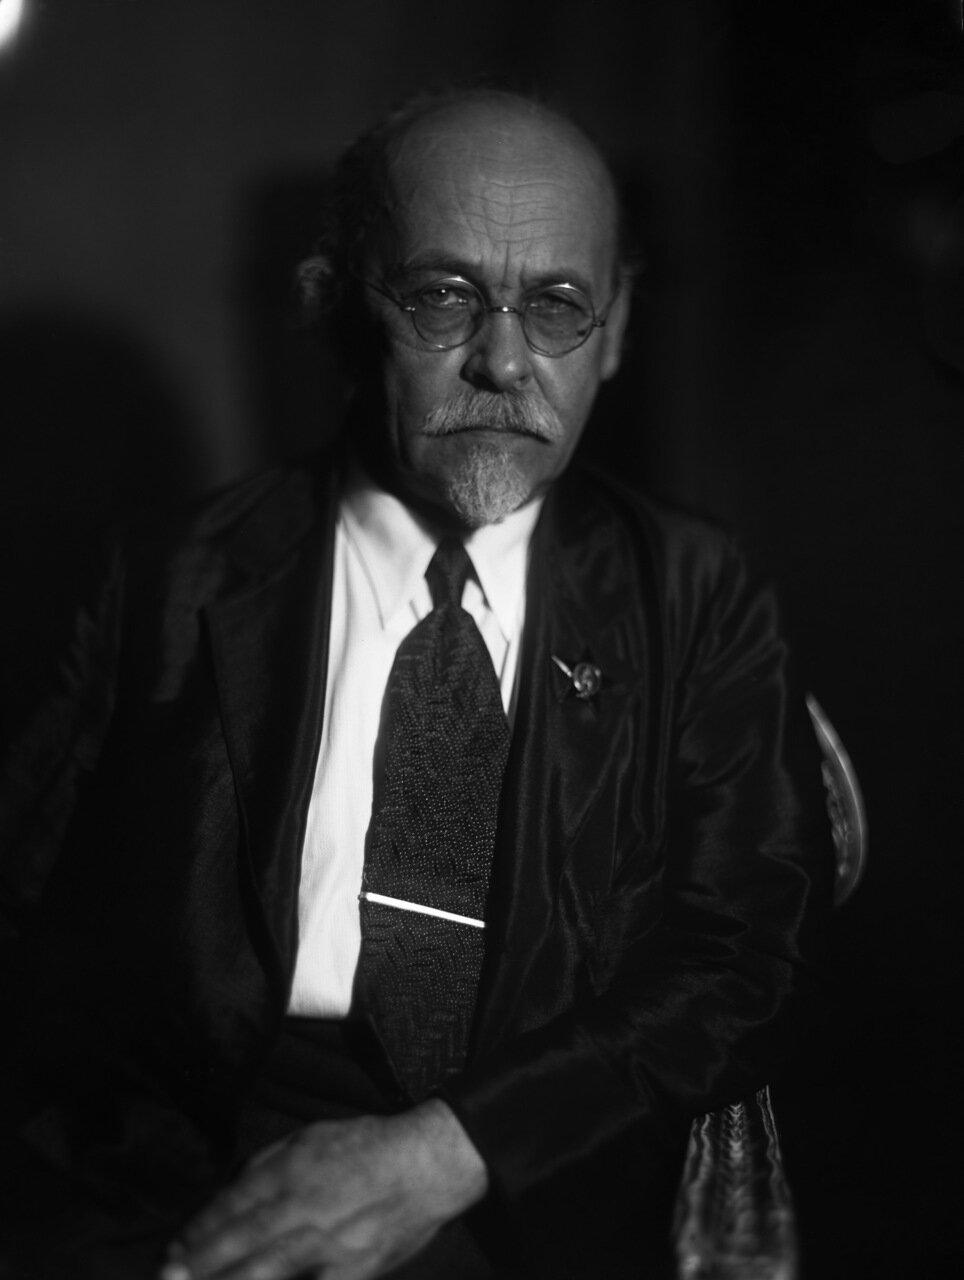 Миткевич Владимир Федорович (1872—1951) — выдающийся русский и советский учёный-электротехник, доктор наук, профессор, академик АН СССР (1929). Заслуженный деятель науки и техники РСФСР (1938), лауреат Сталинской премии (1943)